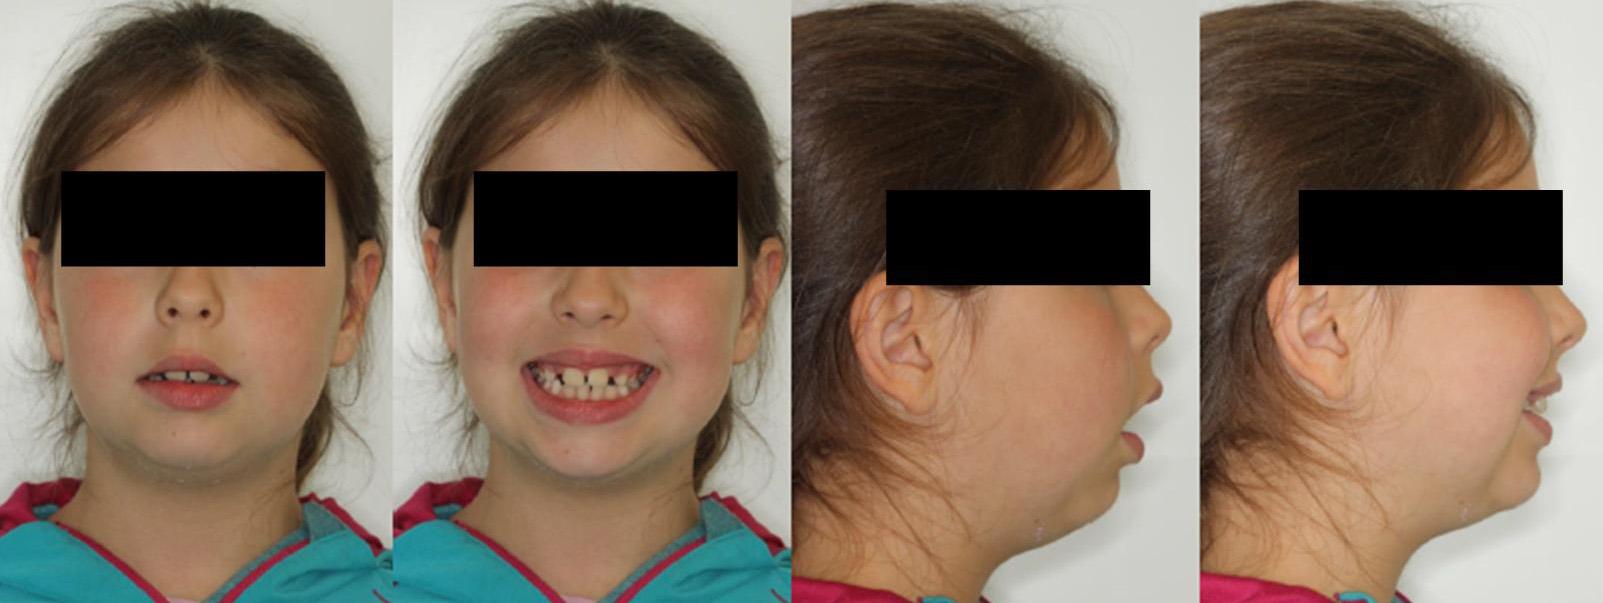 estudio ortodoncia fotos